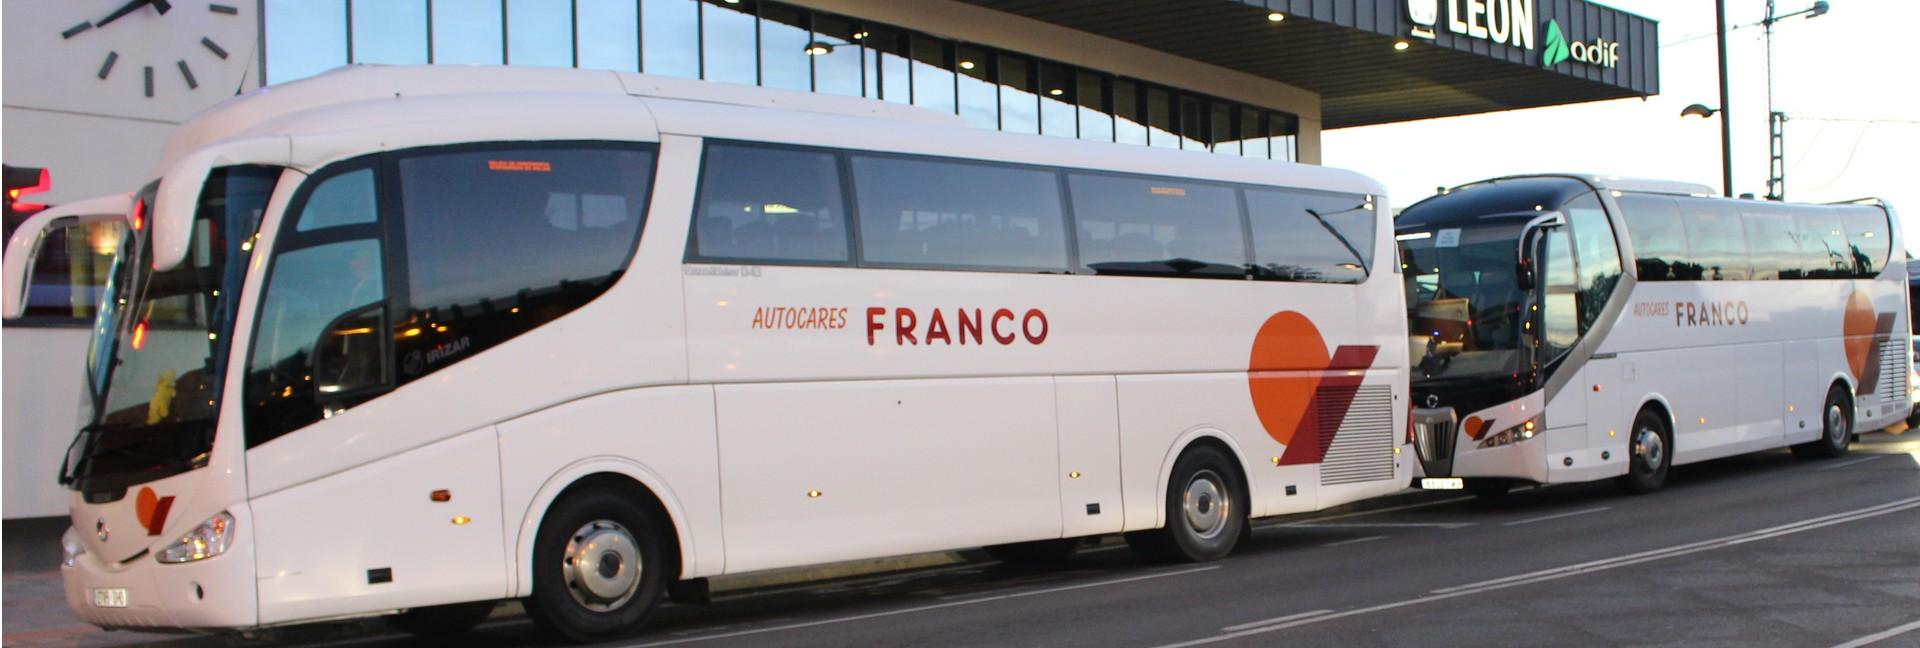 Autocares Franco S.l. 1